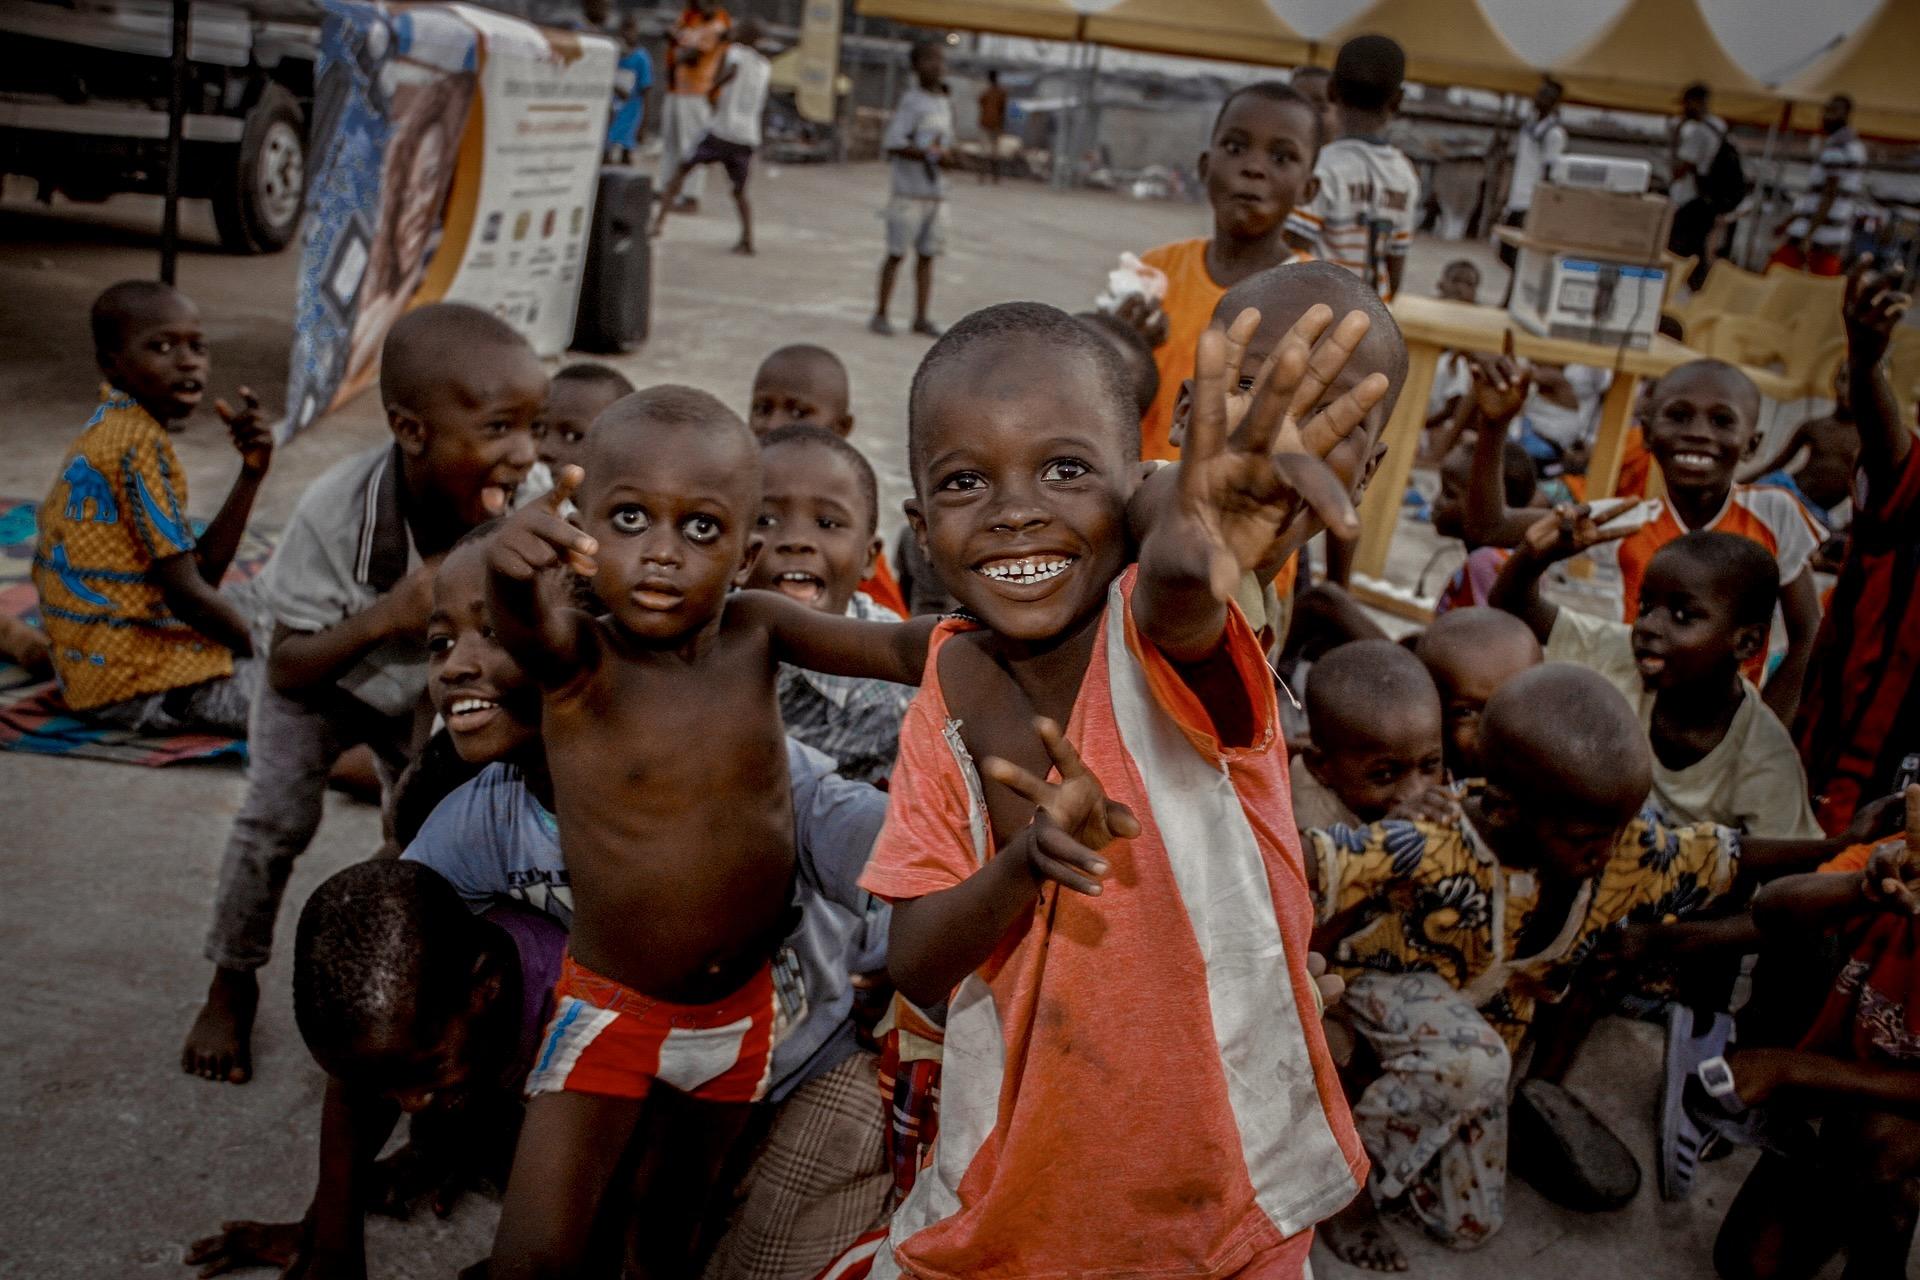 Reisetipps für Urlaub an der Elfenbeinküste